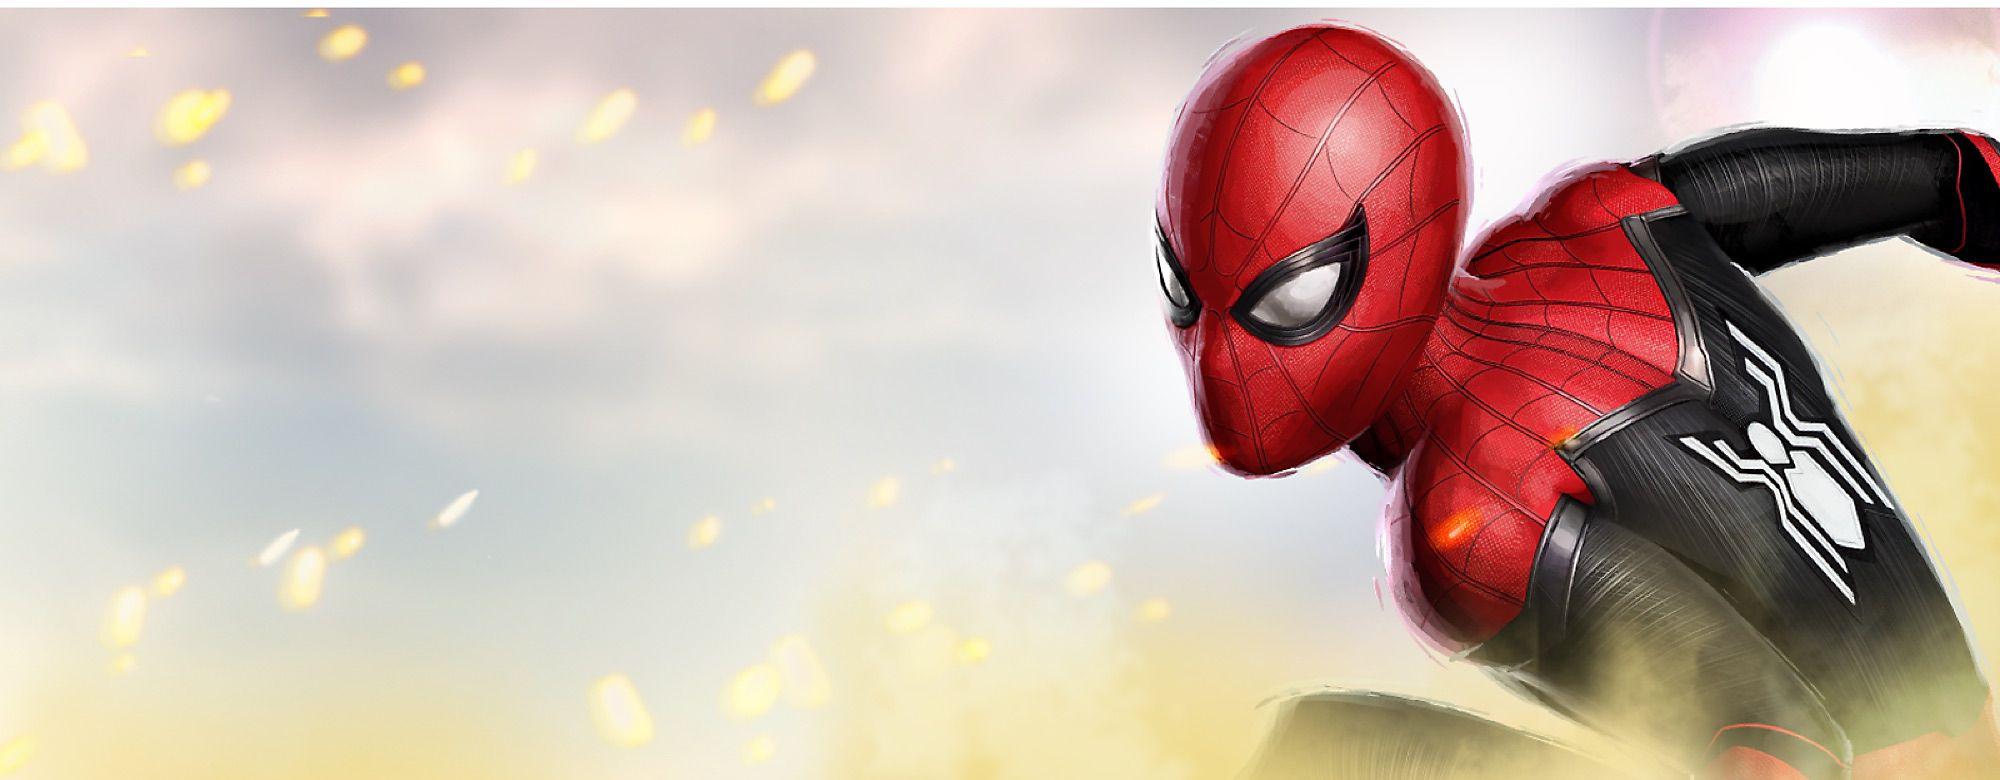 Spider-Man: Far From Home Als Peter Parker und seine Freunde ihren Sommerurlaub in Europa verbringen möchten, muss Peter seine Freunde vor dem Bösewicht Mysterio retten. Erlebe das Abenteuer hautnah mit unserer Action-Kollektion mit Spielzeugen, Kostümen, Kleidung und mehr. Veröffentlichung im Juli 2019